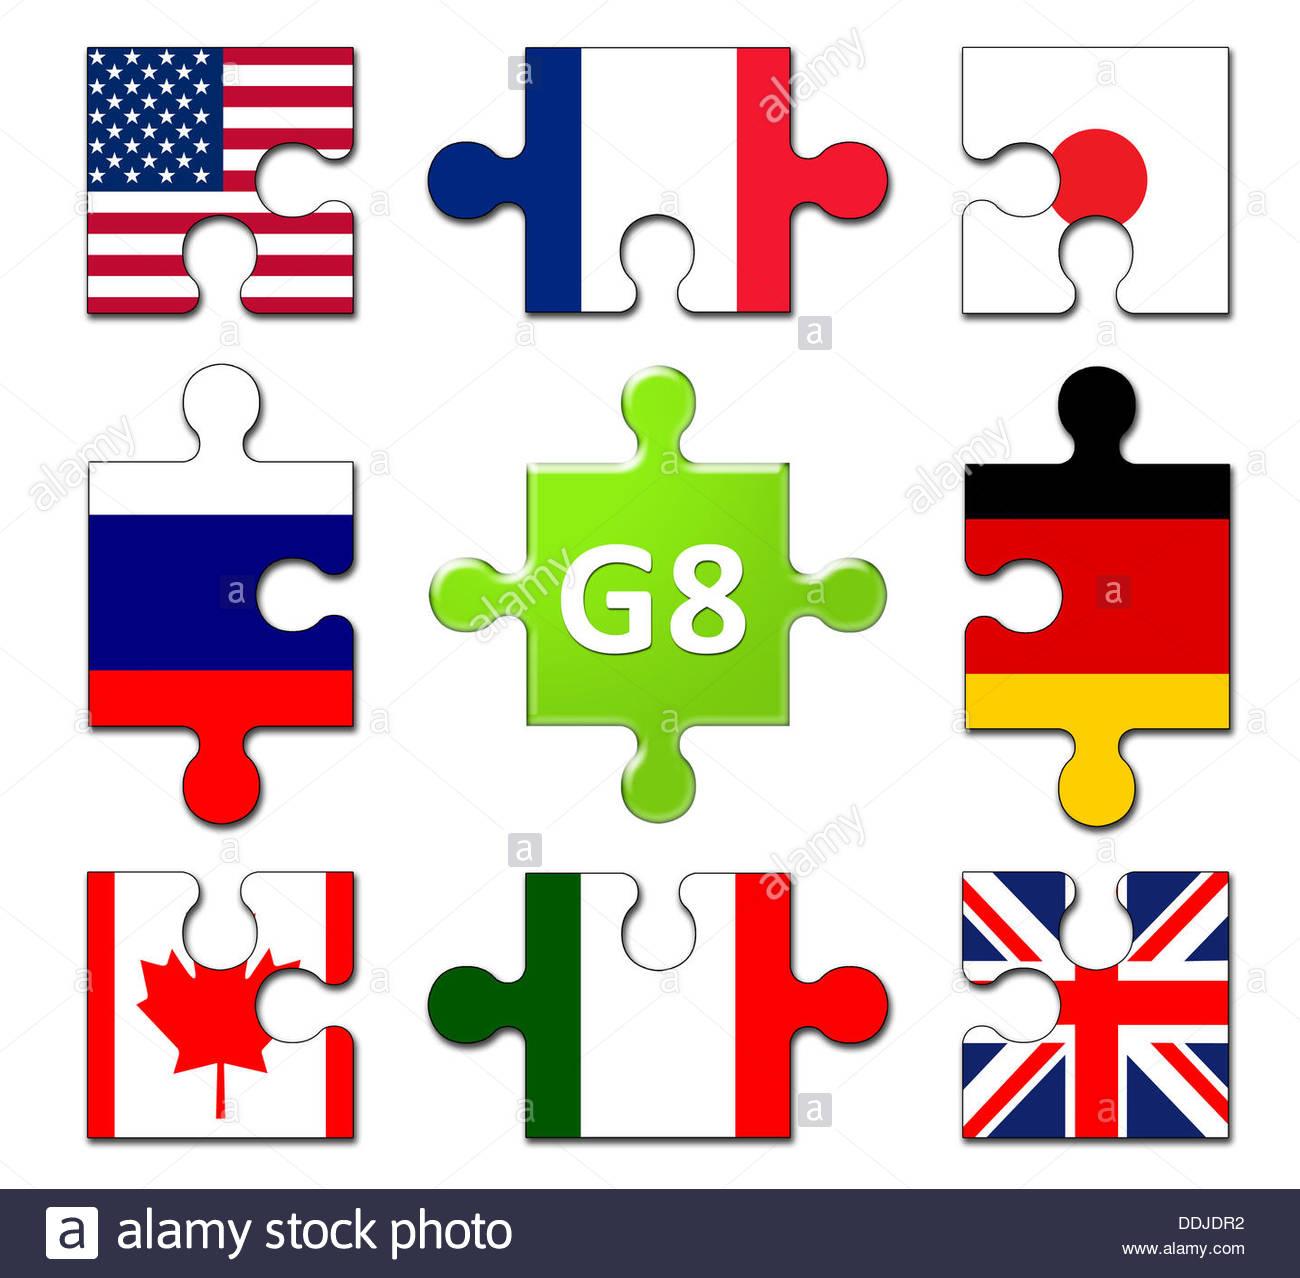 Los países miembros del grupo G8 - Política internacional - Bandera puzzle banner Imagen De Stock